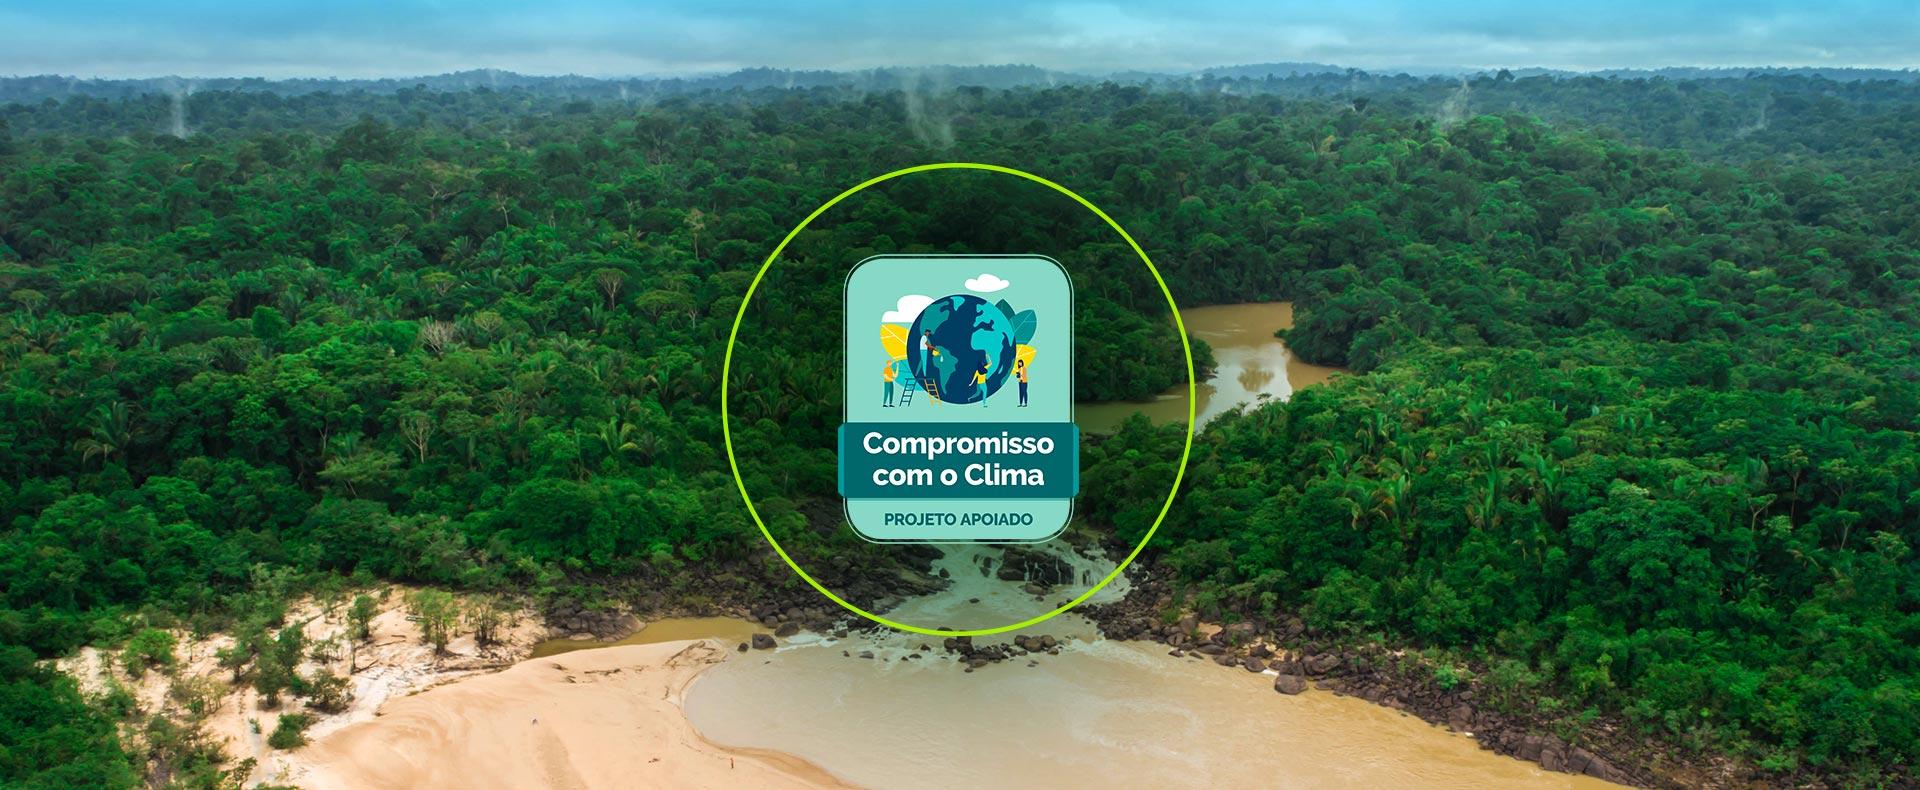 Projeto REDD+ Manoa - Compromisso com o Clima